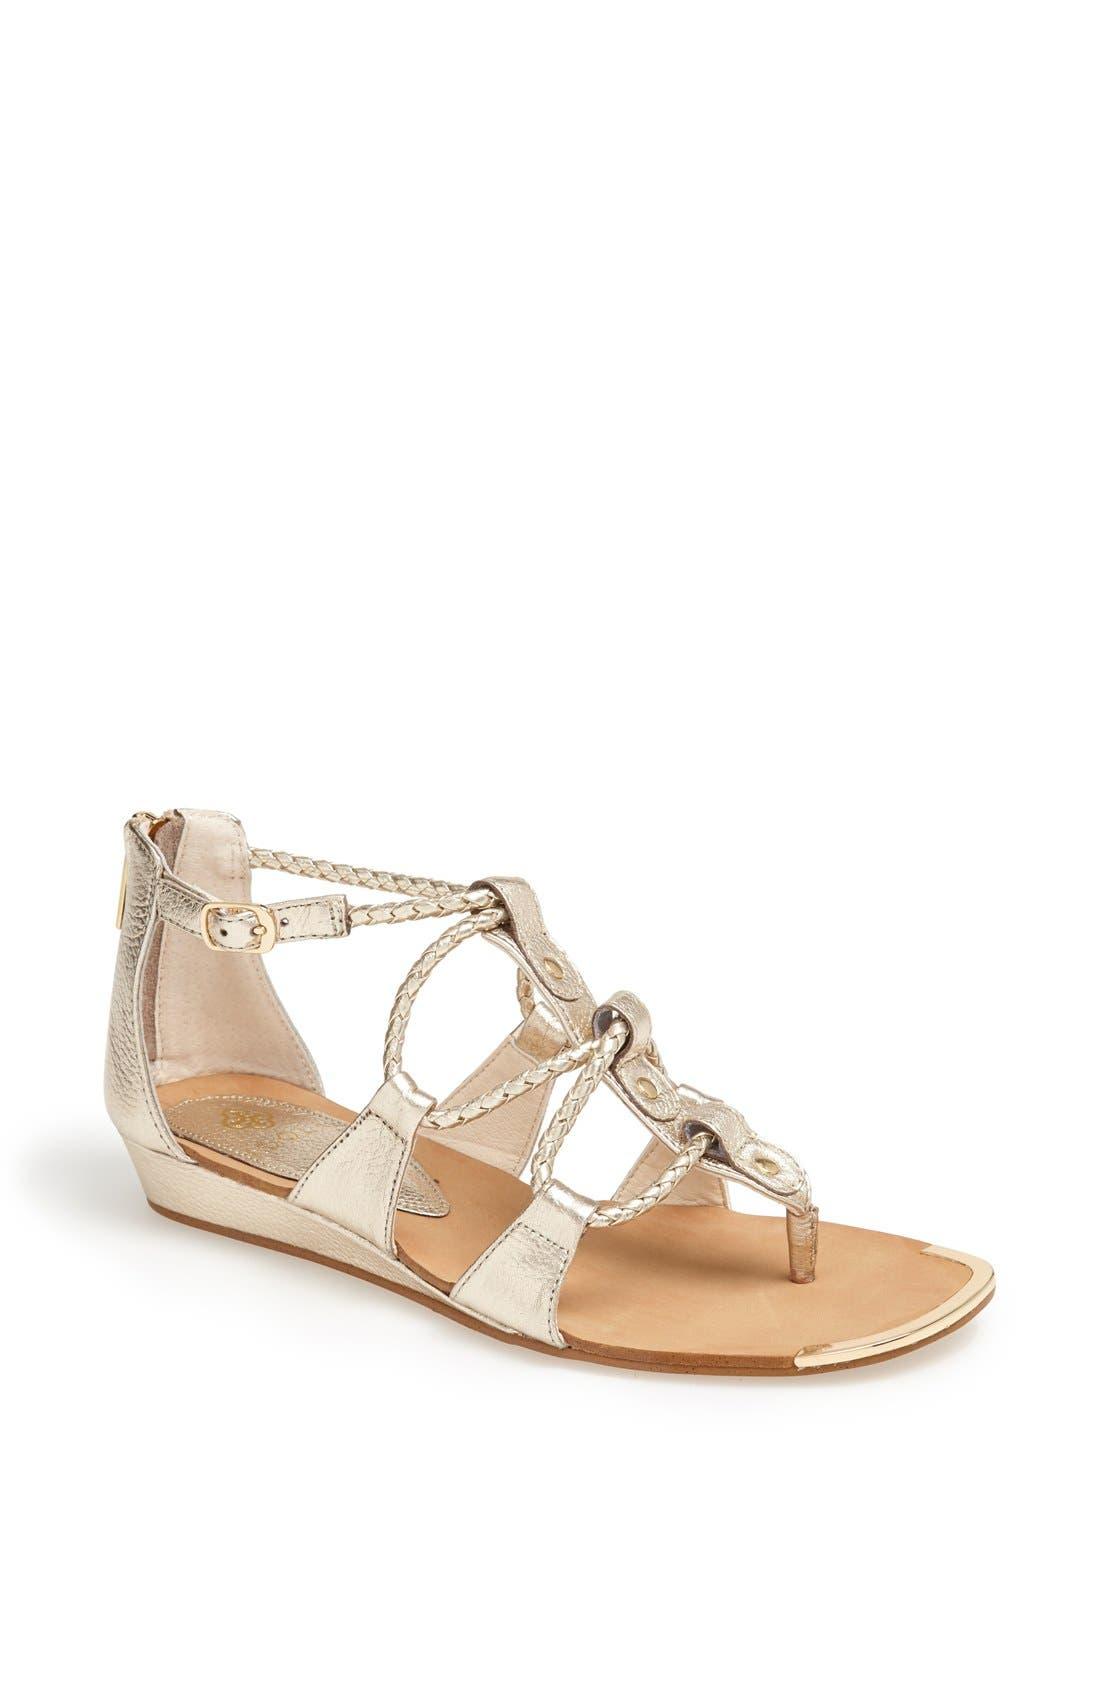 Main Image - Isolá 'Audora' Sandal